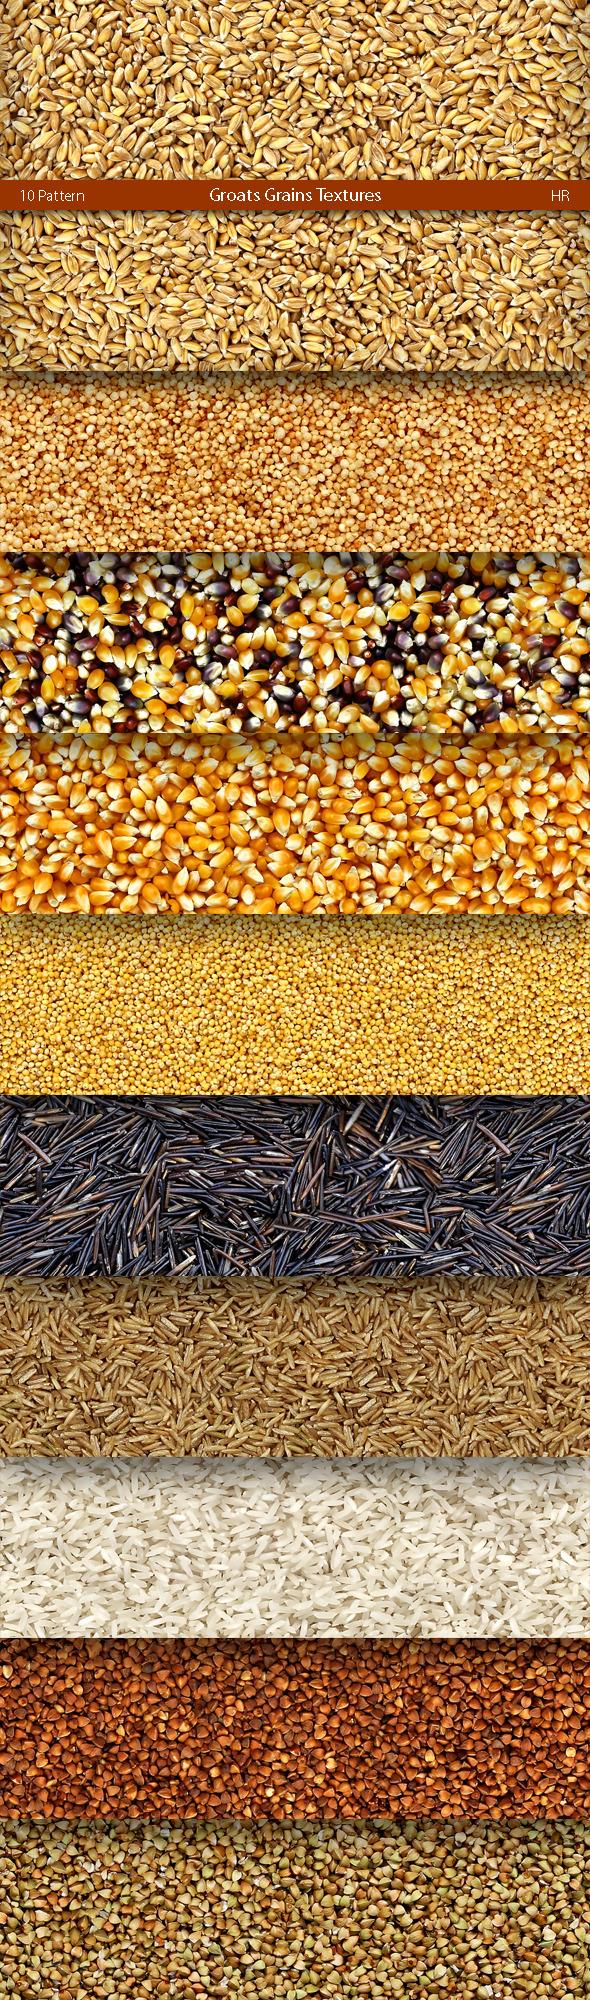 Groats Grains Patterns